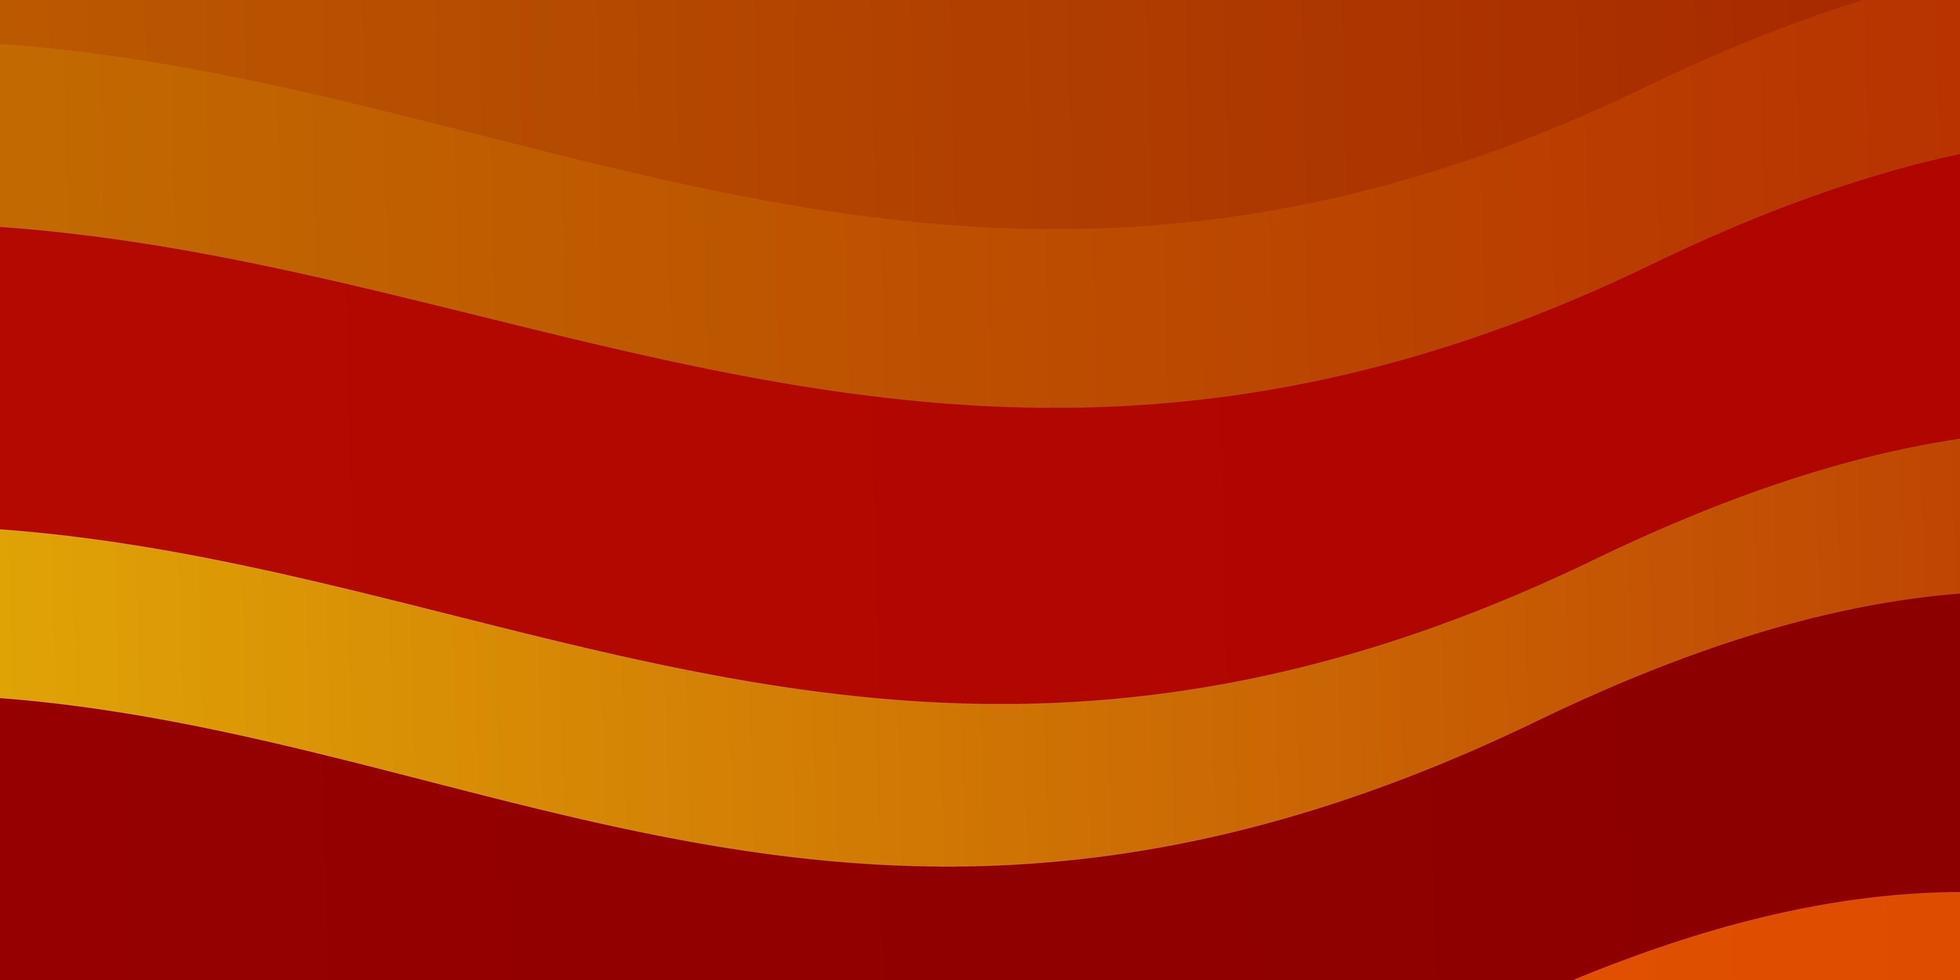 ljus orange vektor bakgrund med böjda linjer.